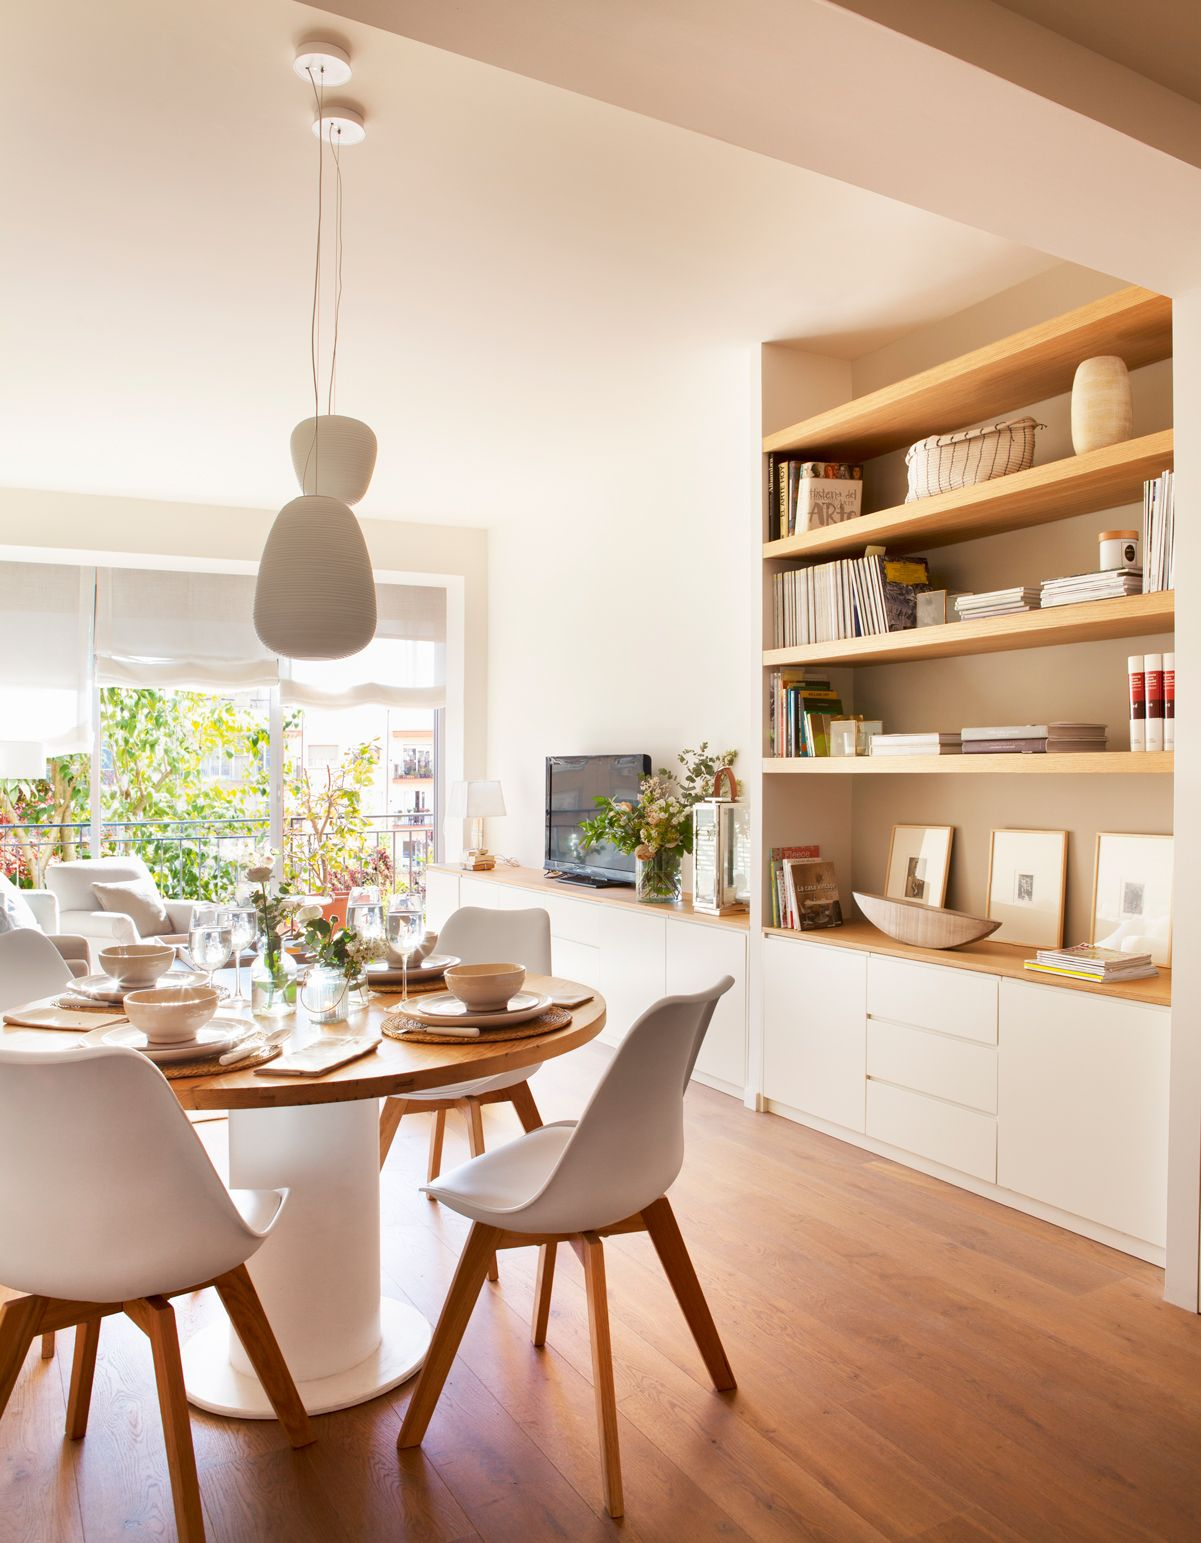 Comedor con mesa redonda y librer a con baldas de madera for El mueble decoracion